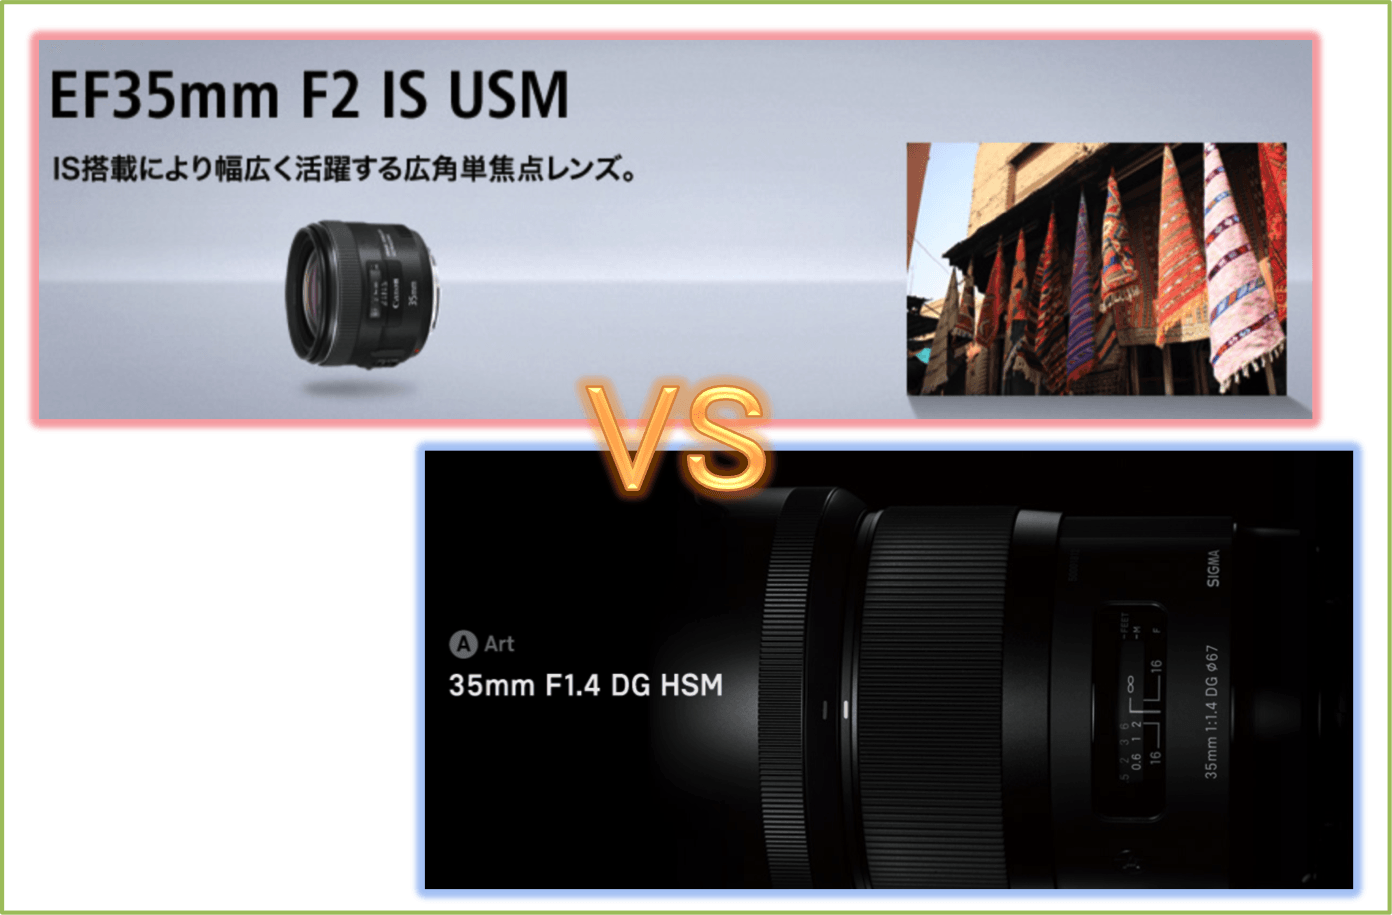 Canon EF35mm F2 IS USM vs SIGMA 35mm F1.4 DG HSM。私が前者購入に至った3つの検討ポイント